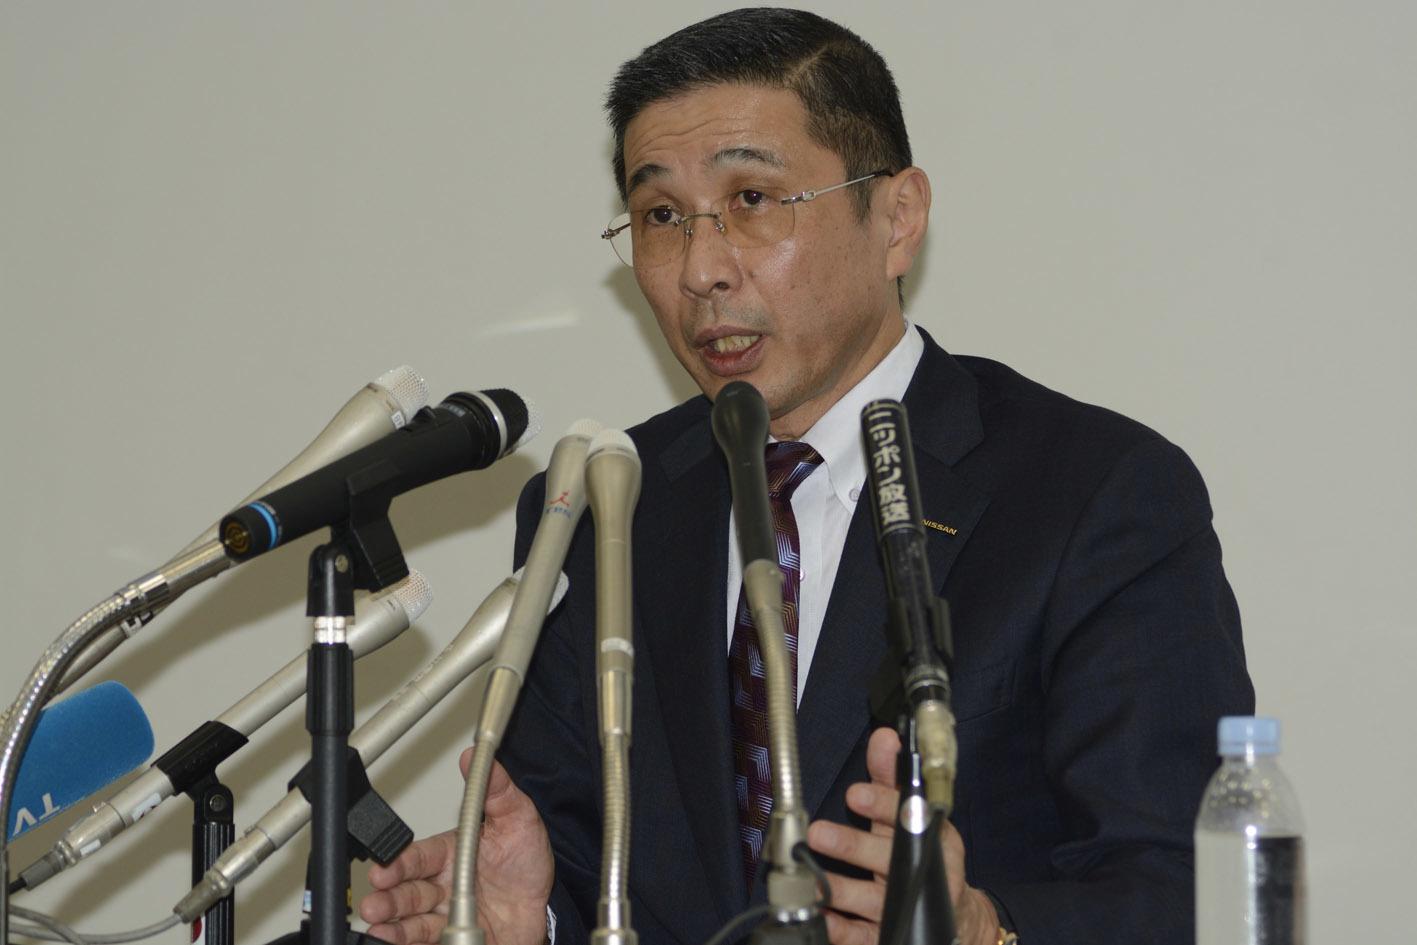 記者会見で謝罪した日産の西川廣人社長。報酬を一部返上し、自工会会長としての活動を一部自粛した